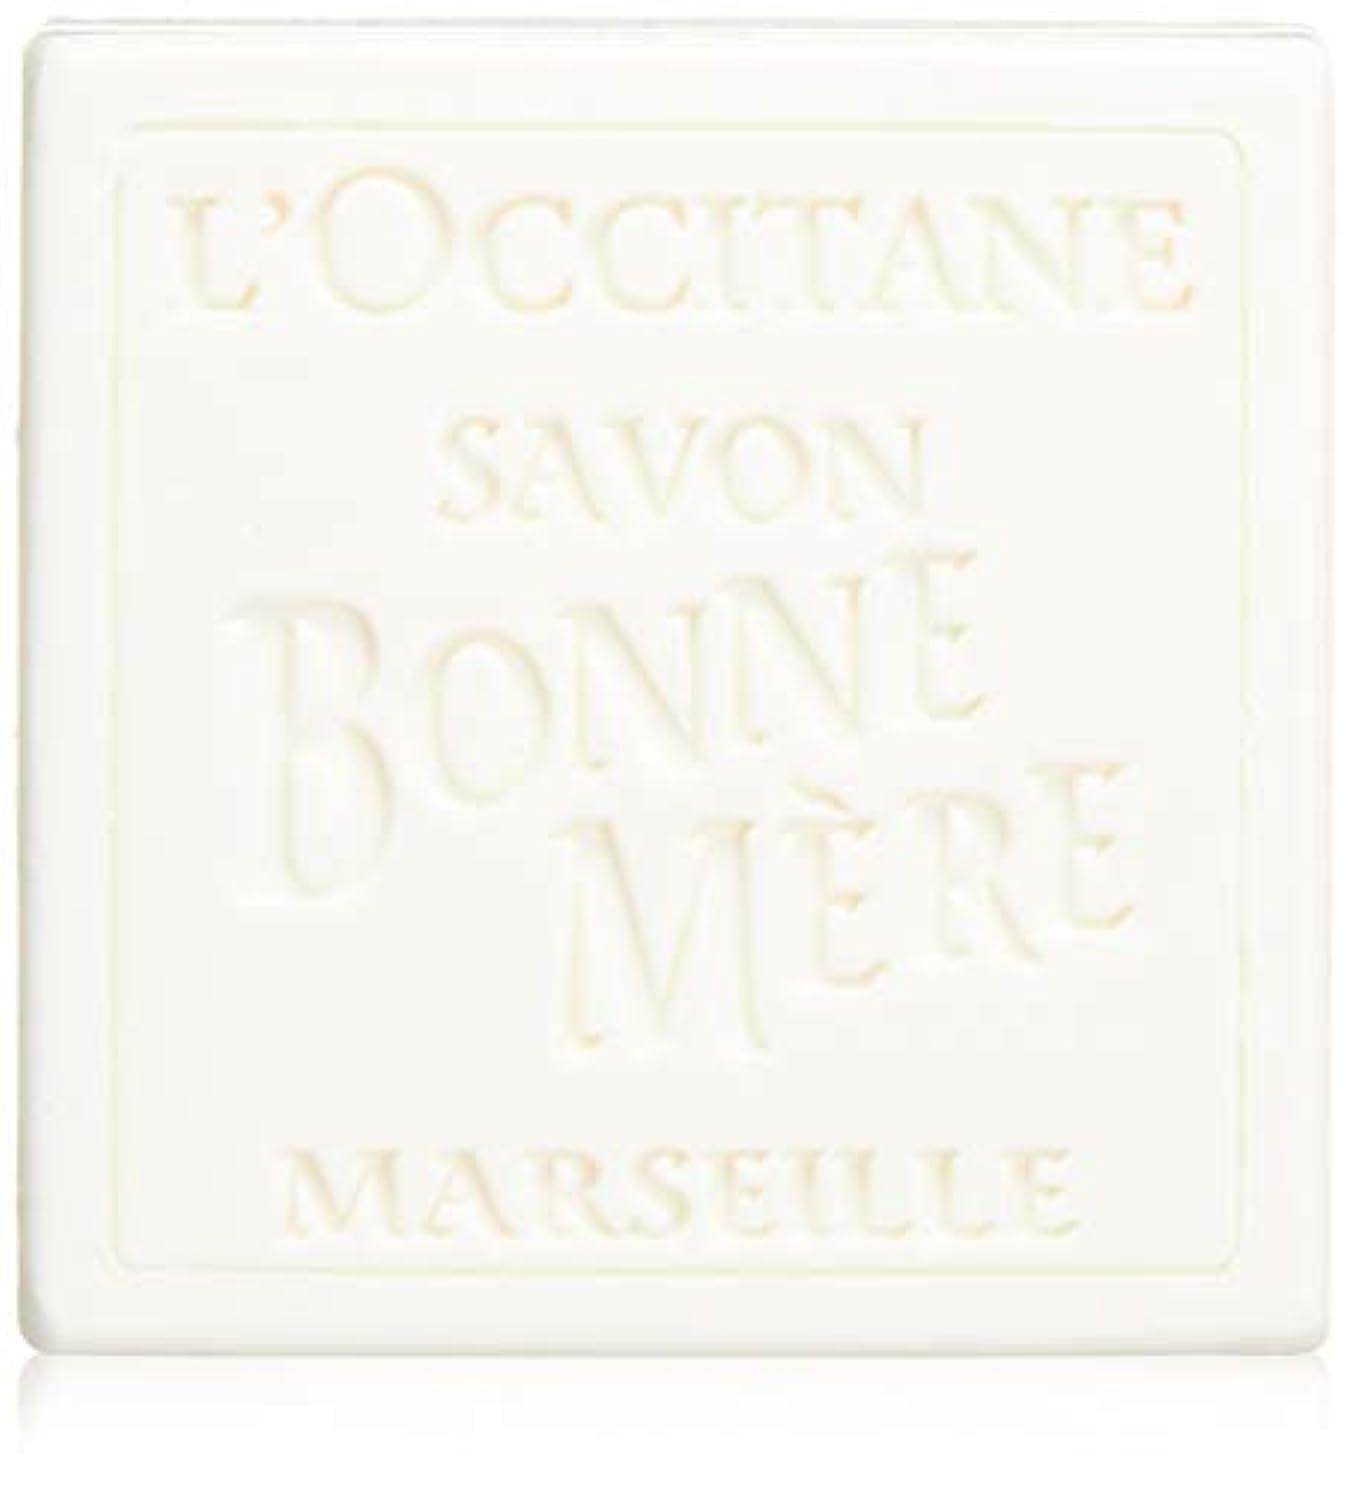 見捨てられた想起シマウマロクシタン(L'OCCITANE) ボンメールソープ ミルク 100g